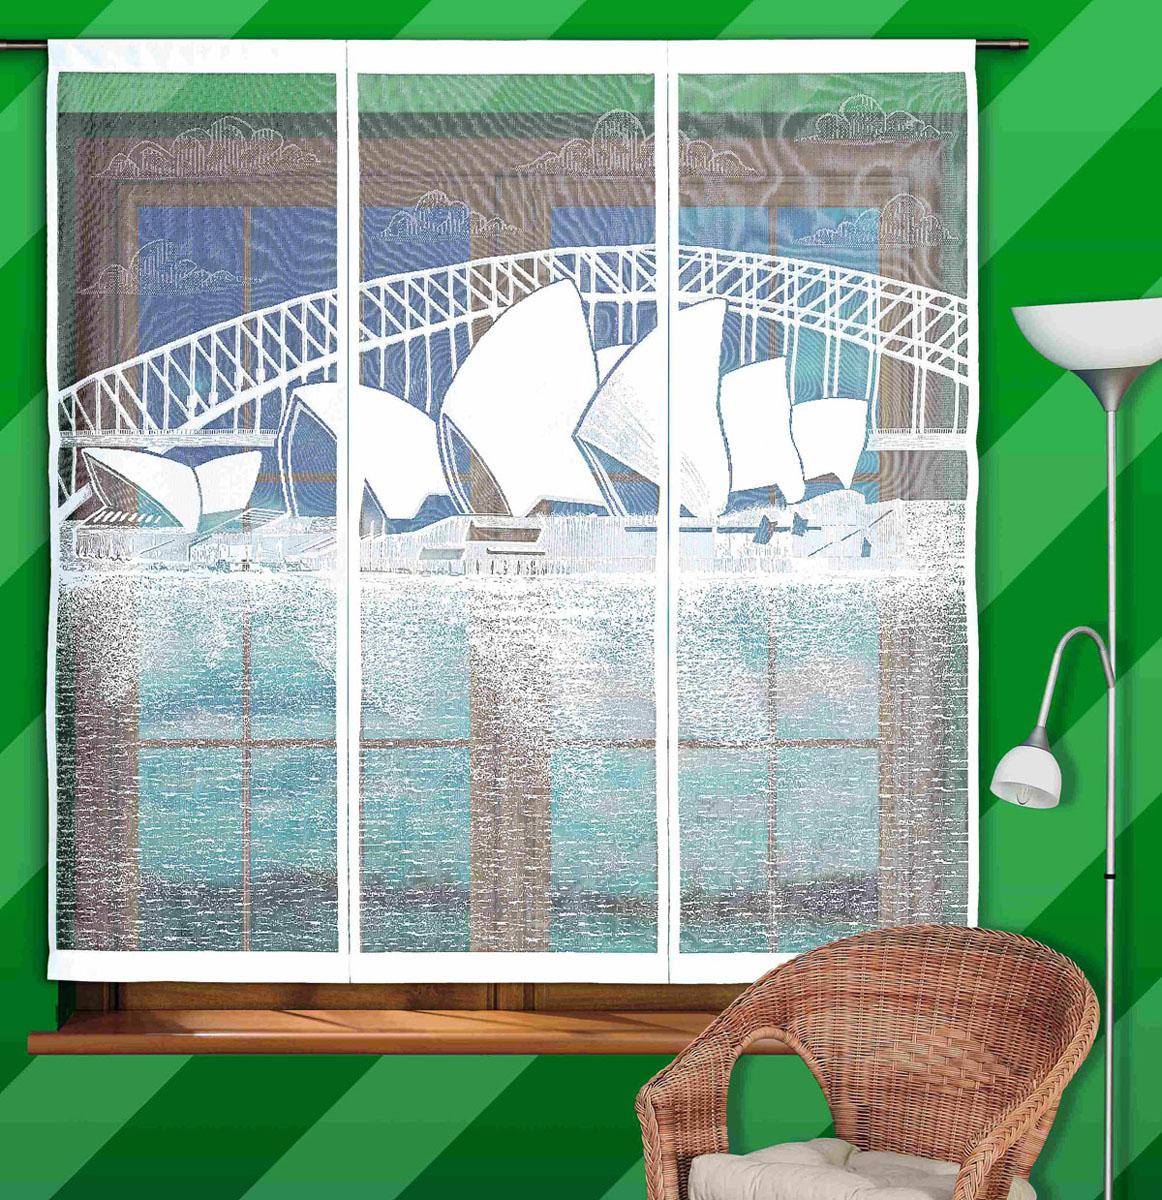 Гардина-панно Sidney, на кулиске, цвет: белый, высота 160 см747139Воздушная гардина-панно Sidney, изготовленная из полиэстера белого цвета, станет великолепным украшением любого окна. Тонкое плетение и оригинальный рисунок в виде здания Оперы в Сиднее привлечет к себе внимание и органично впишется в интерьер. Гардина оснащена кулиской для крепления на круглый карниз. Характеристики: Материал: 100% полиэстер. Цвет: белый. Высота кулиски: 7 см. Размер упаковки: 27 см х 36 см х 3 см. Артикул: 747139. В комплект входит: Гардина-панно - 1 шт. Размер (ШхВ): 150 см х 160 см. Фирма Wisan на польском рынке существует уже более пятидесяти лет и является одной из лучших польских фабрик по производству штор и тканей. Ассортимент фирмы представлен готовыми комплектами штор для гостиной, детской, кухни, а также текстилем для кухни (скатерти, салфетки, дорожки, кухонные занавески). Модельный ряд отличает оригинальный дизайн, высокое качество. Ассортимент продукции постоянно пополняется.